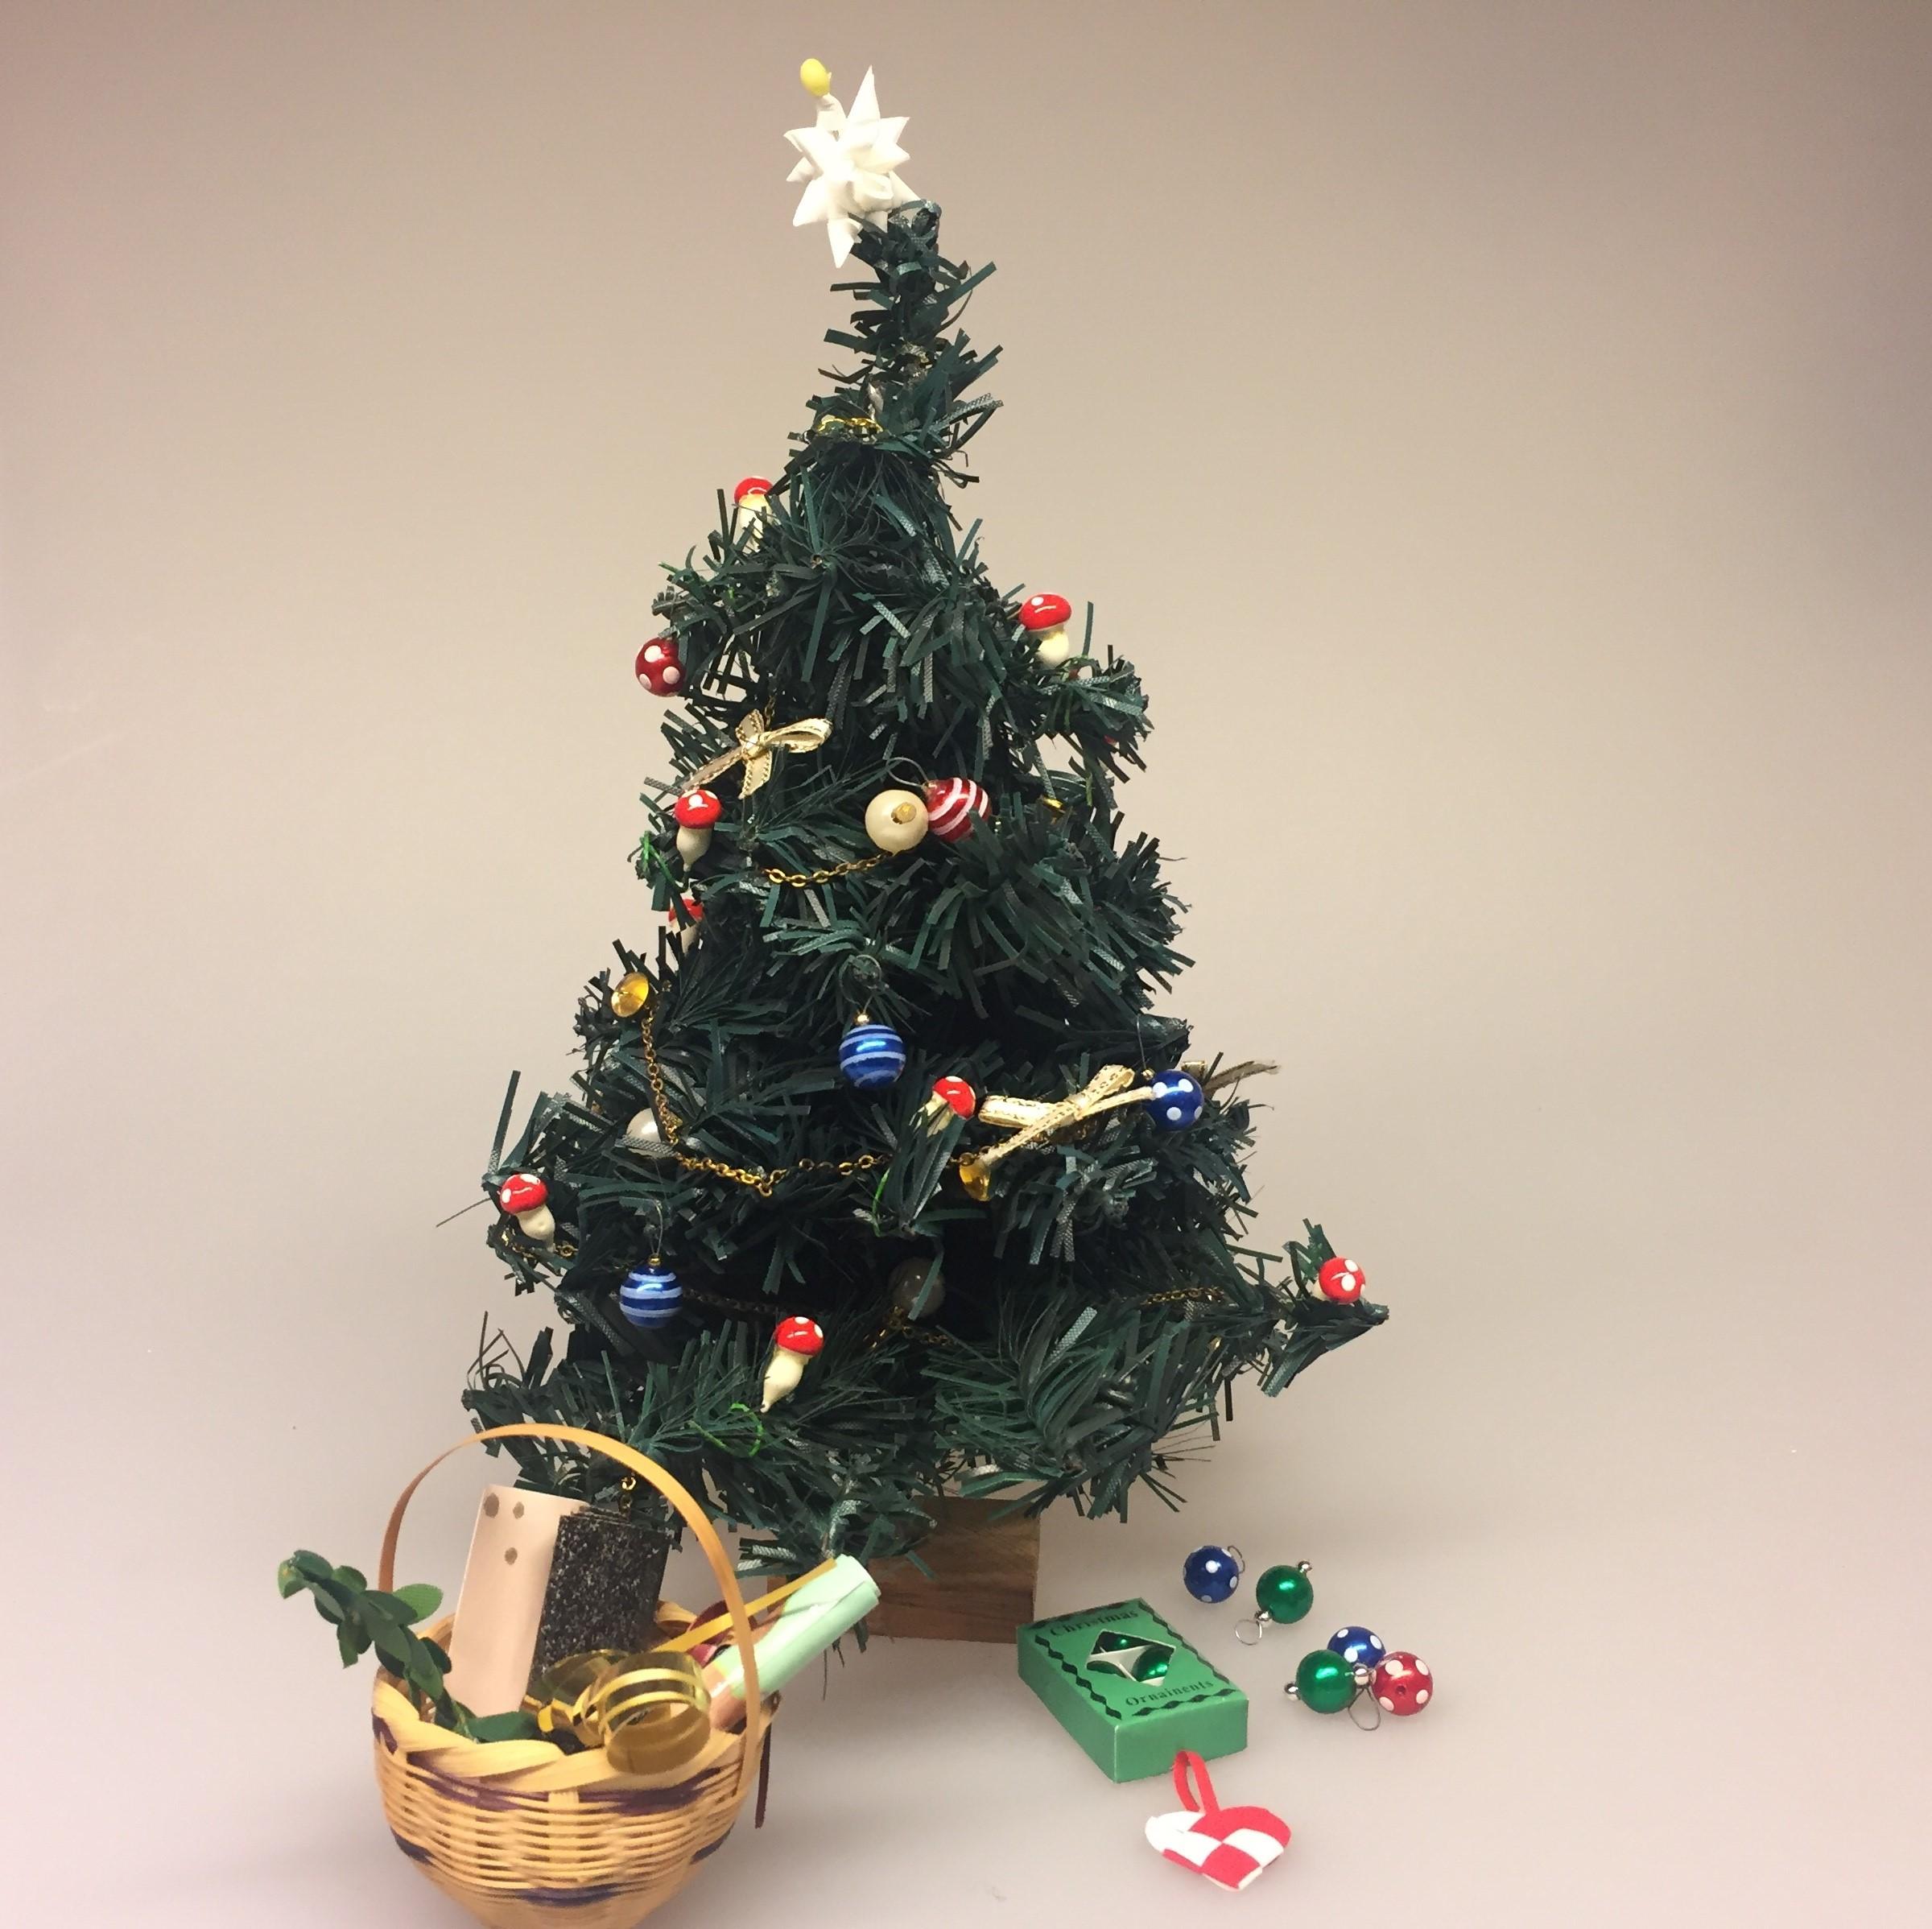 Miniature julekugler - glaskugler med ophæng, julekugle, glaskugle, dukkehus, Miniature julepynt æske med julekugler, julepynt, glaskugler, æske, æske med julekugler, æske med glaskugler, glaskugler, dukkehus, dukkehusting, ting til, dukkehuset, miniaturer, nisserne, nissedør, nissebo, nissehus, julepynt, snelandskab, pynt, sætterkasse, sættekasseting, sætterkasseting, nisseting, nissetilbehør, biti, ribe